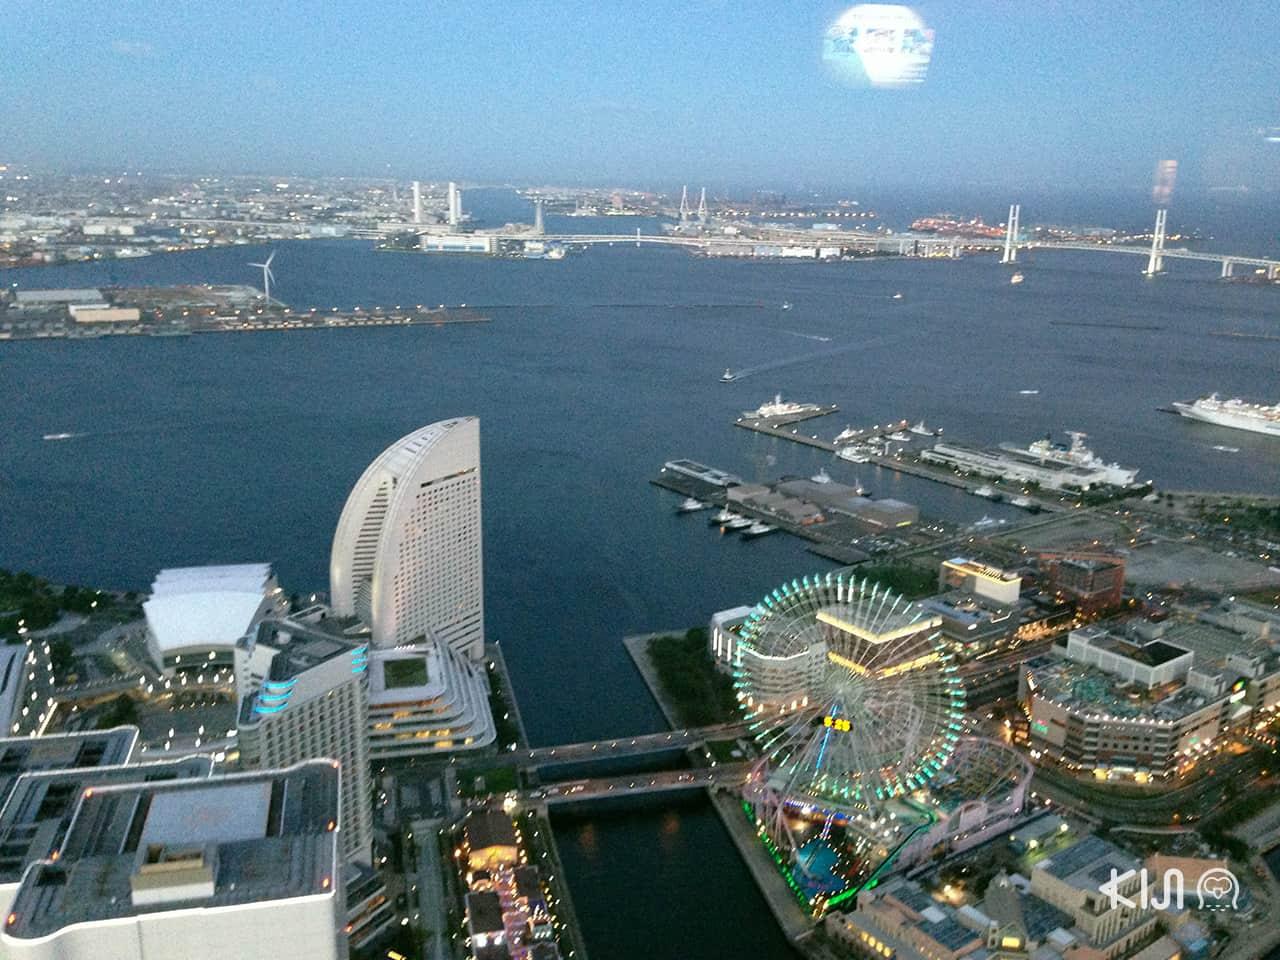 ที่เที่ยวไม่ไกลโตเกียว : โยโกฮาม่า จ.คานางาวะ